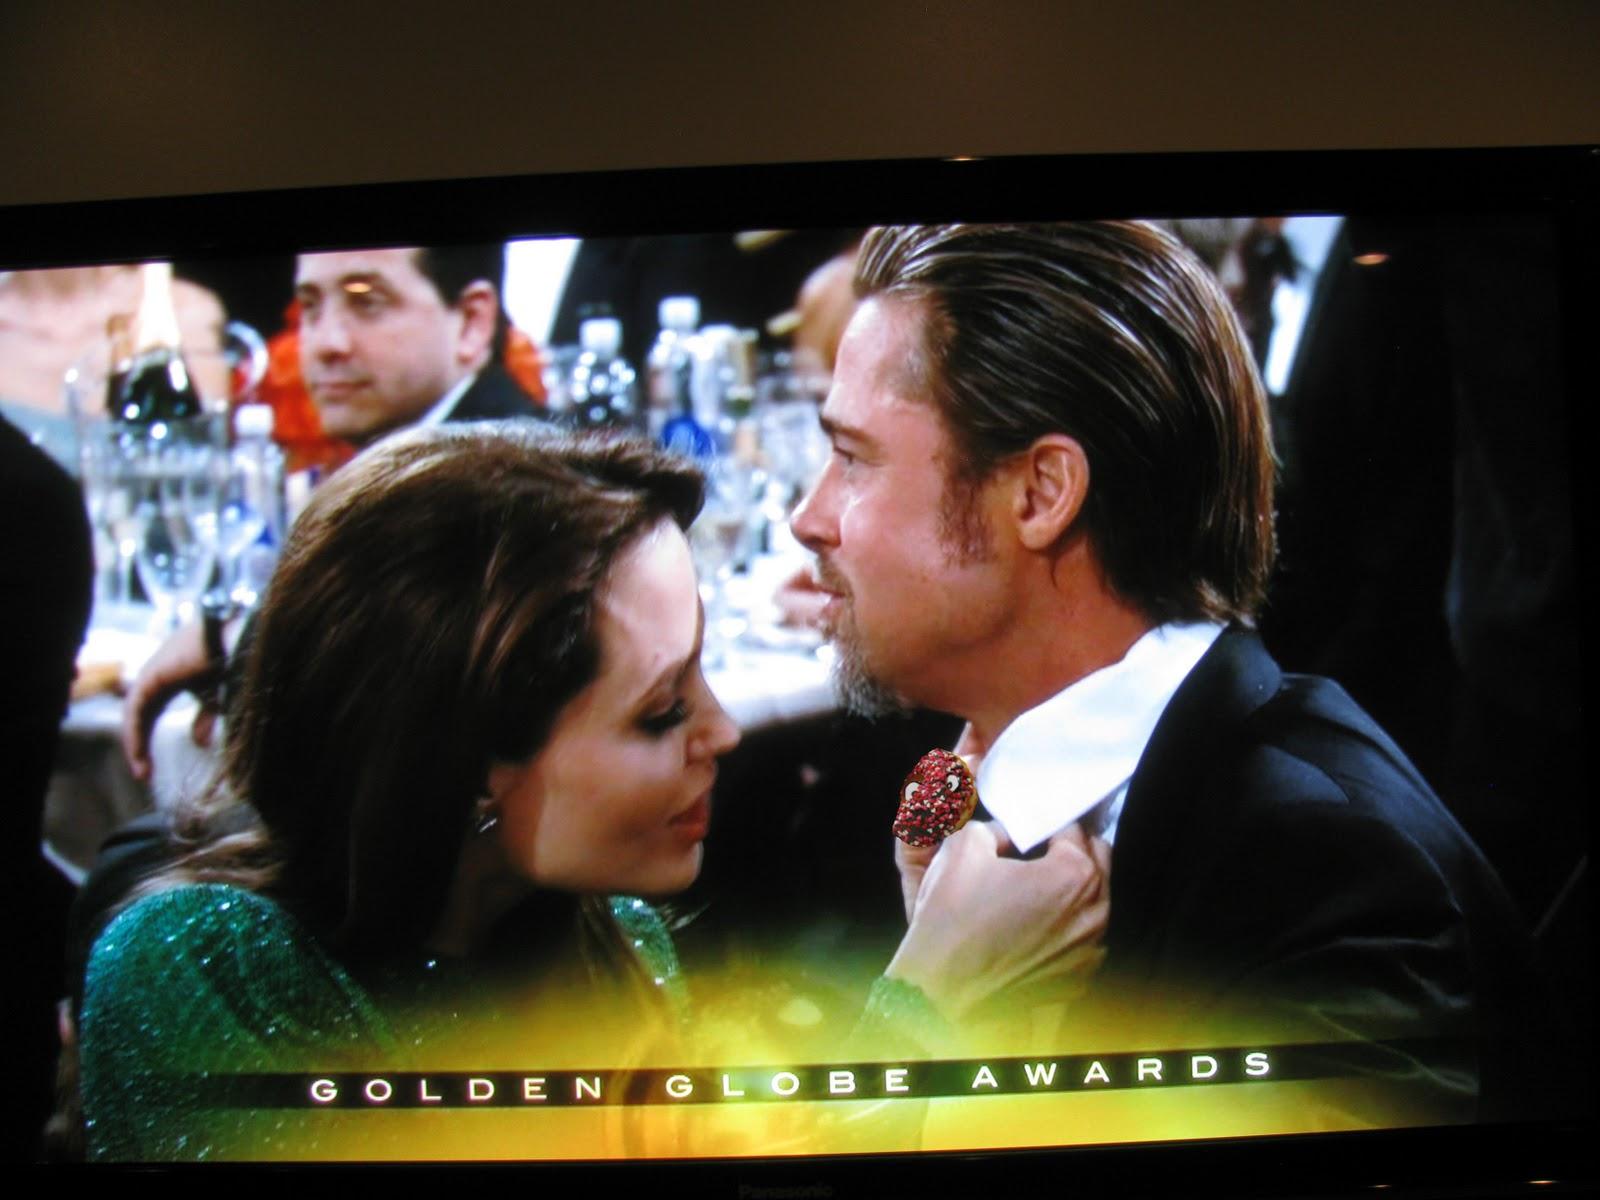 http://2.bp.blogspot.com/_wMFMexQ3GwY/TT0bKM7SmwI/AAAAAAAAAbk/-mY7FfzOx_o/s1600/Angelina+Jolie+Brad+Pitt.jpg